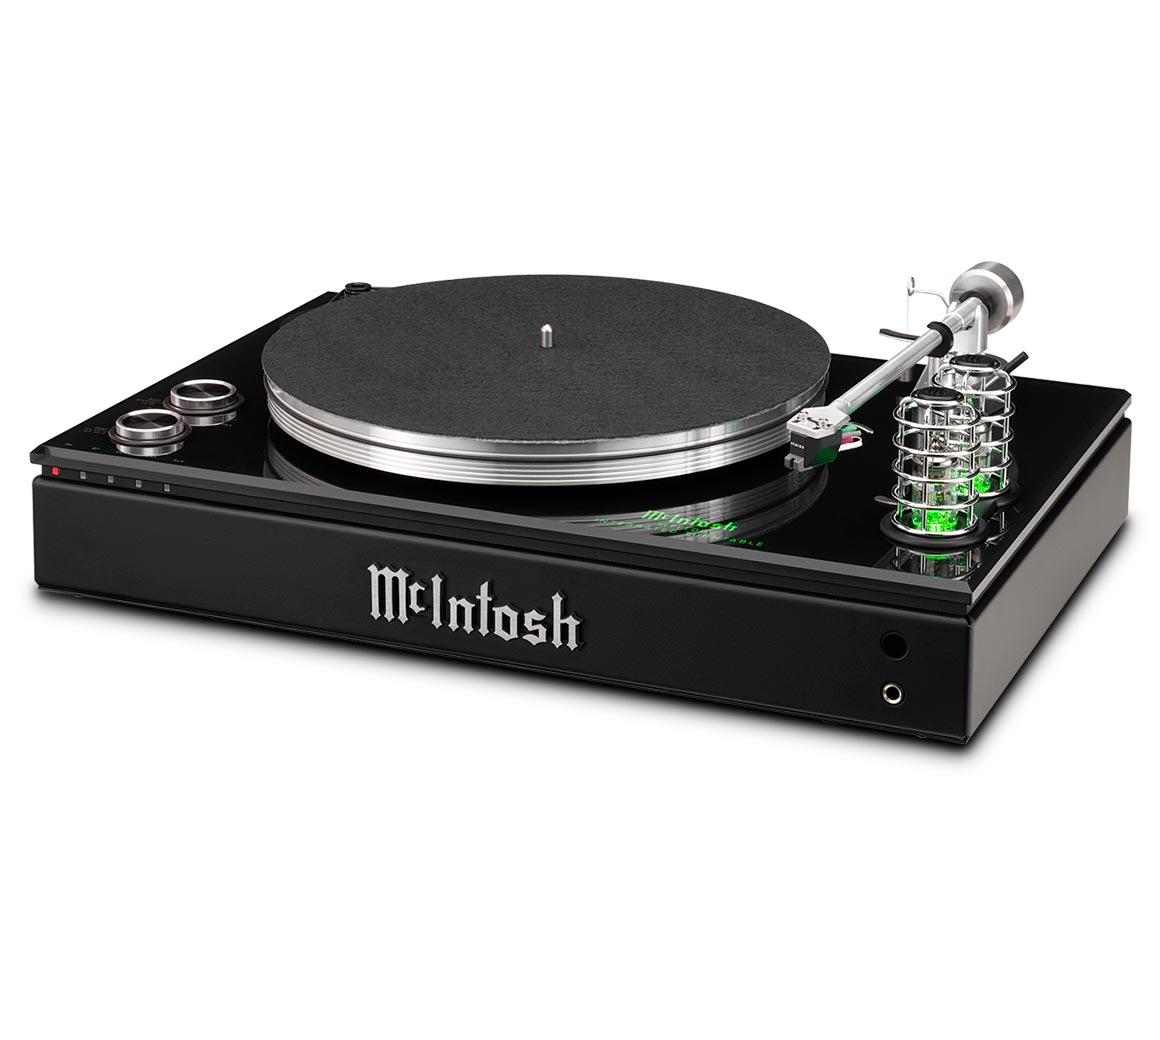 McIntosh MTI100 urządzenie all-in-one   Dostępne od reki!